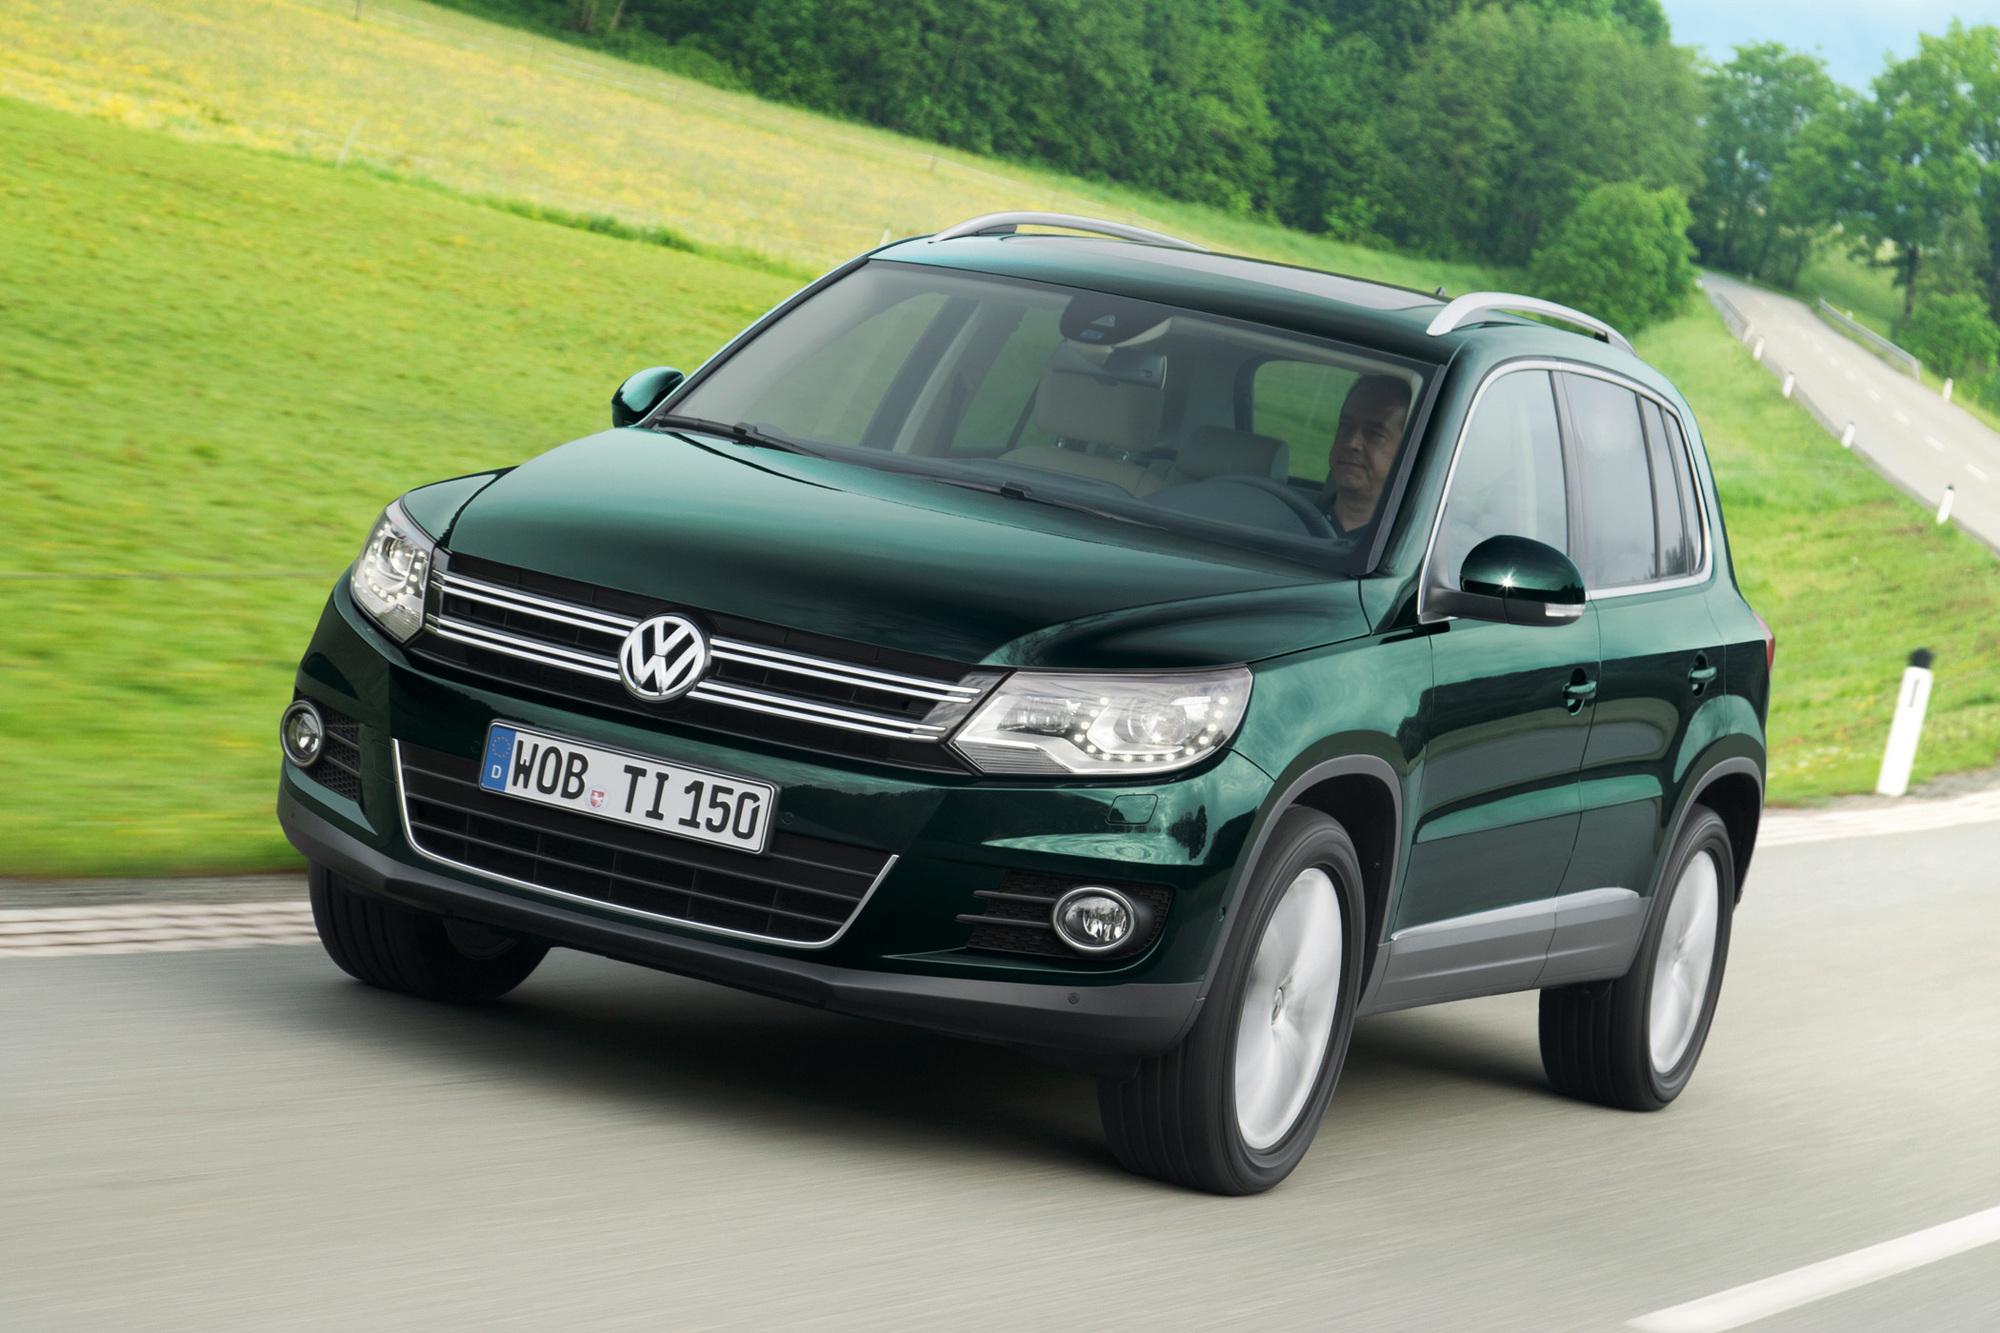 VW Tiguan - Bestseller jetzt mit App-Anbindung